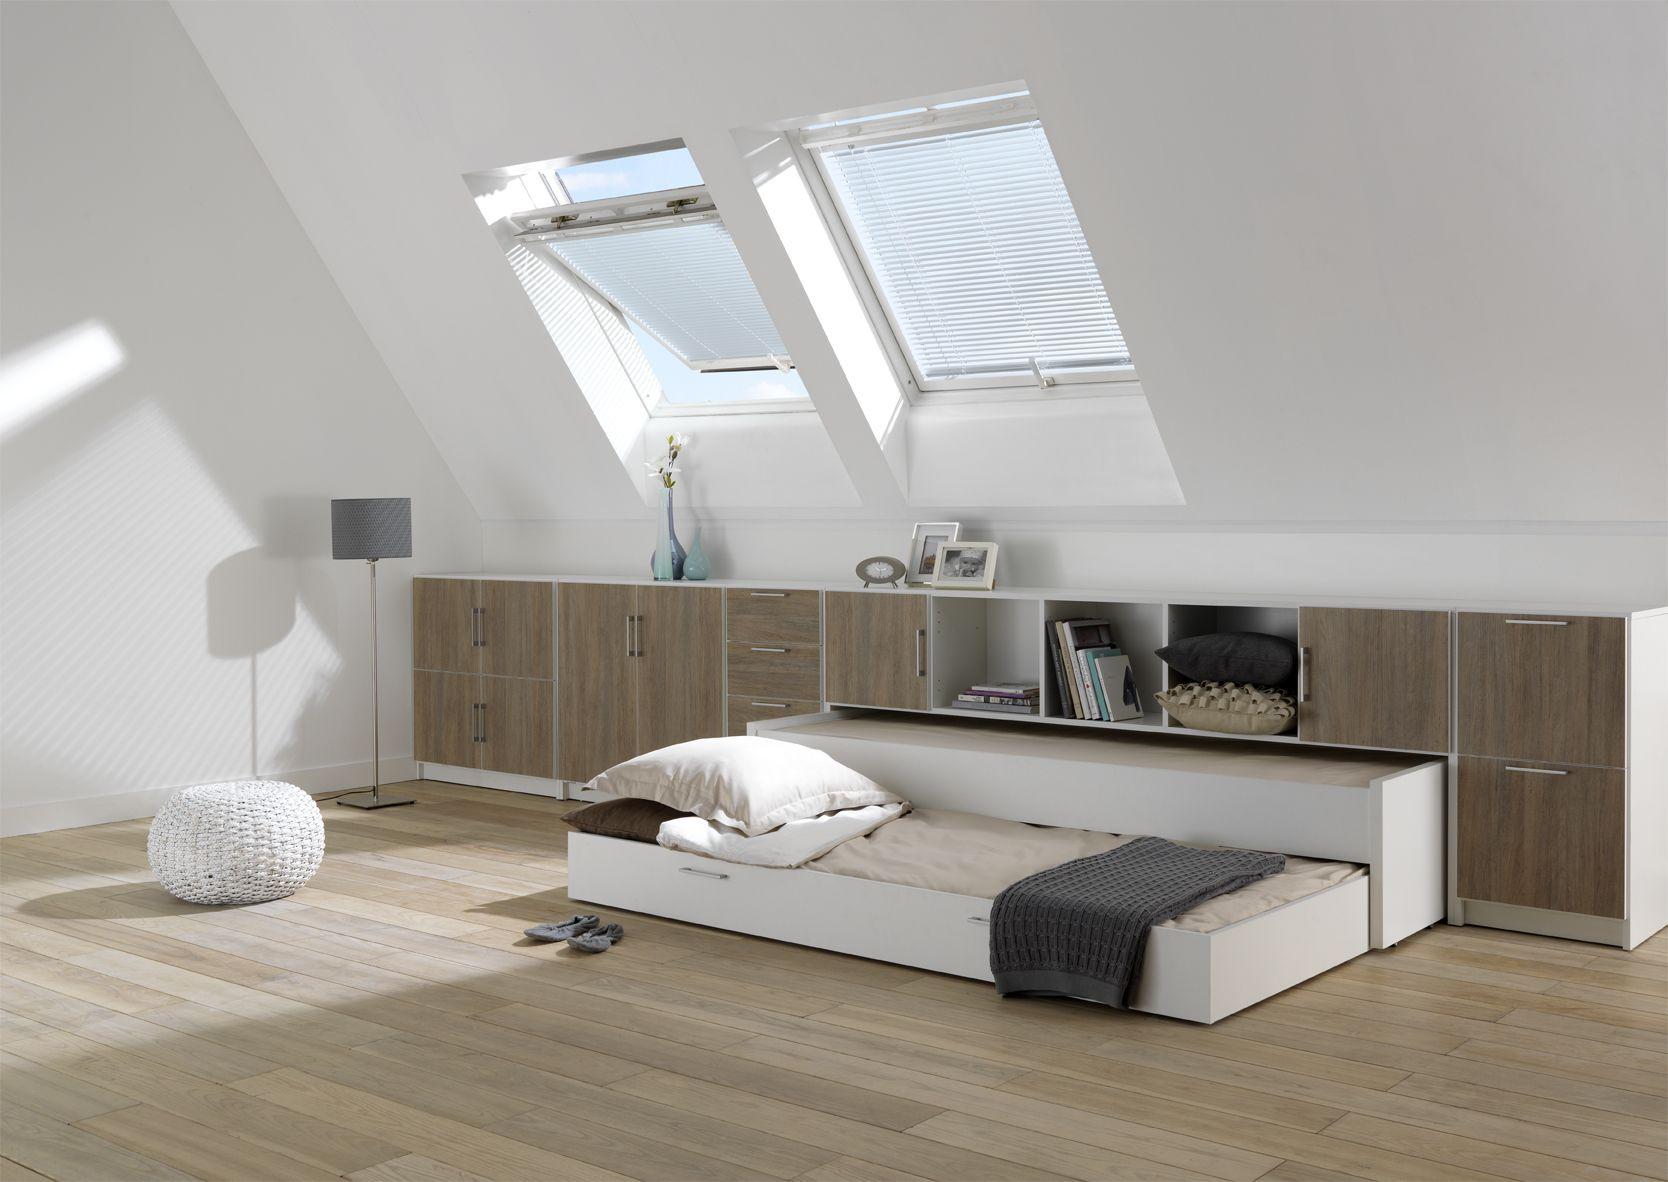 Mooi Slaapkamer Idees : Wand slaapkamer beste ideen over huis en interieur